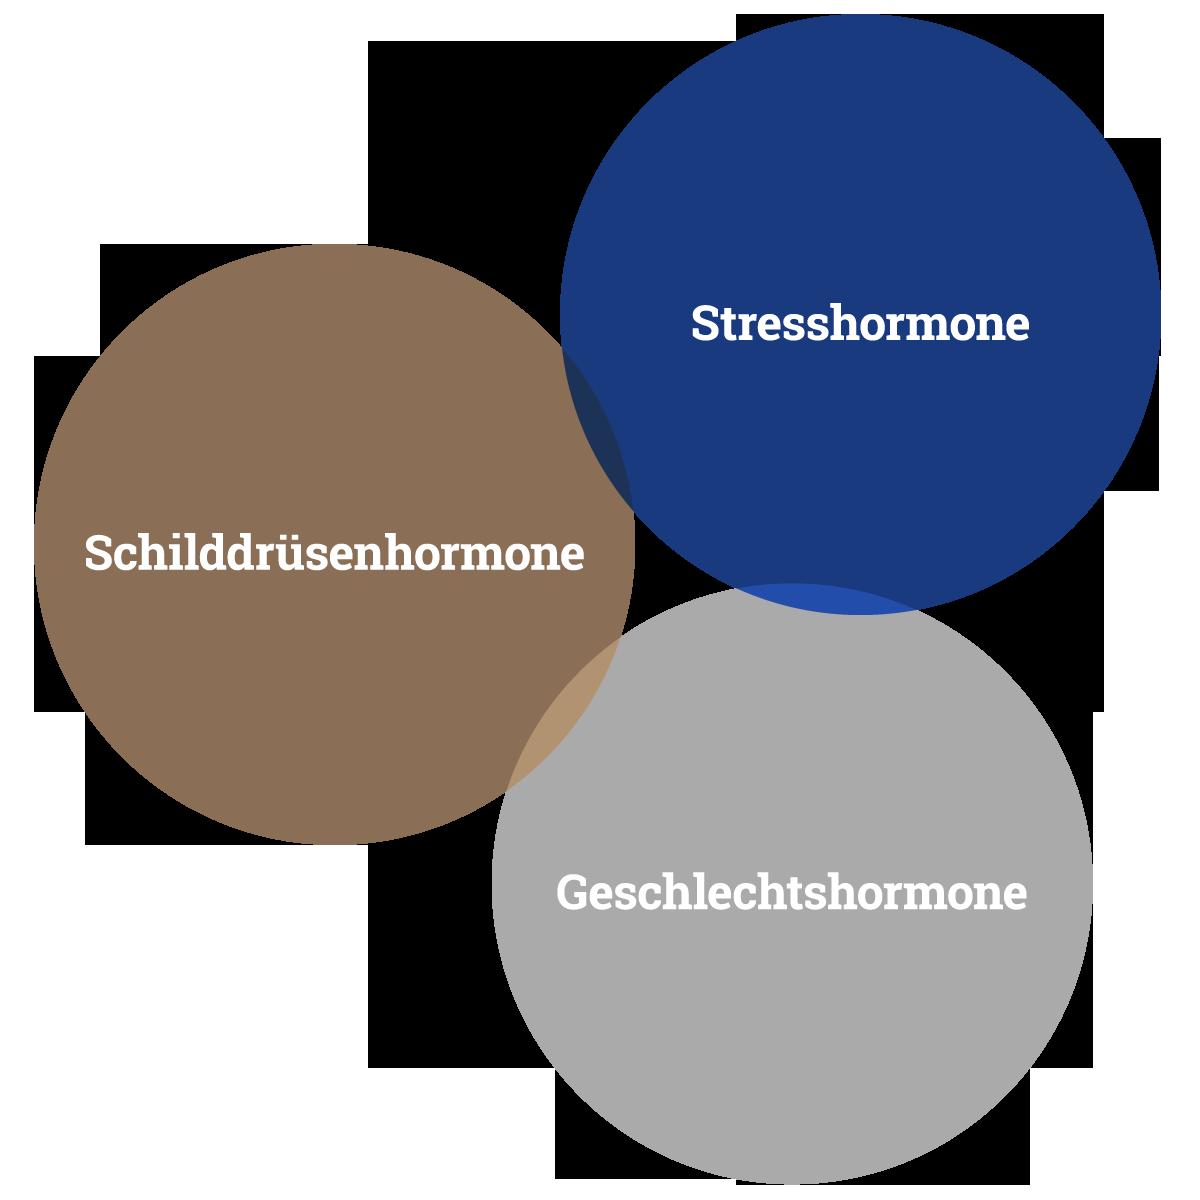 kPNI und Frauengesundheit: Vernetzung von Schilddrüsenhormonen, Stresshormonen und Geschlechtshormonen